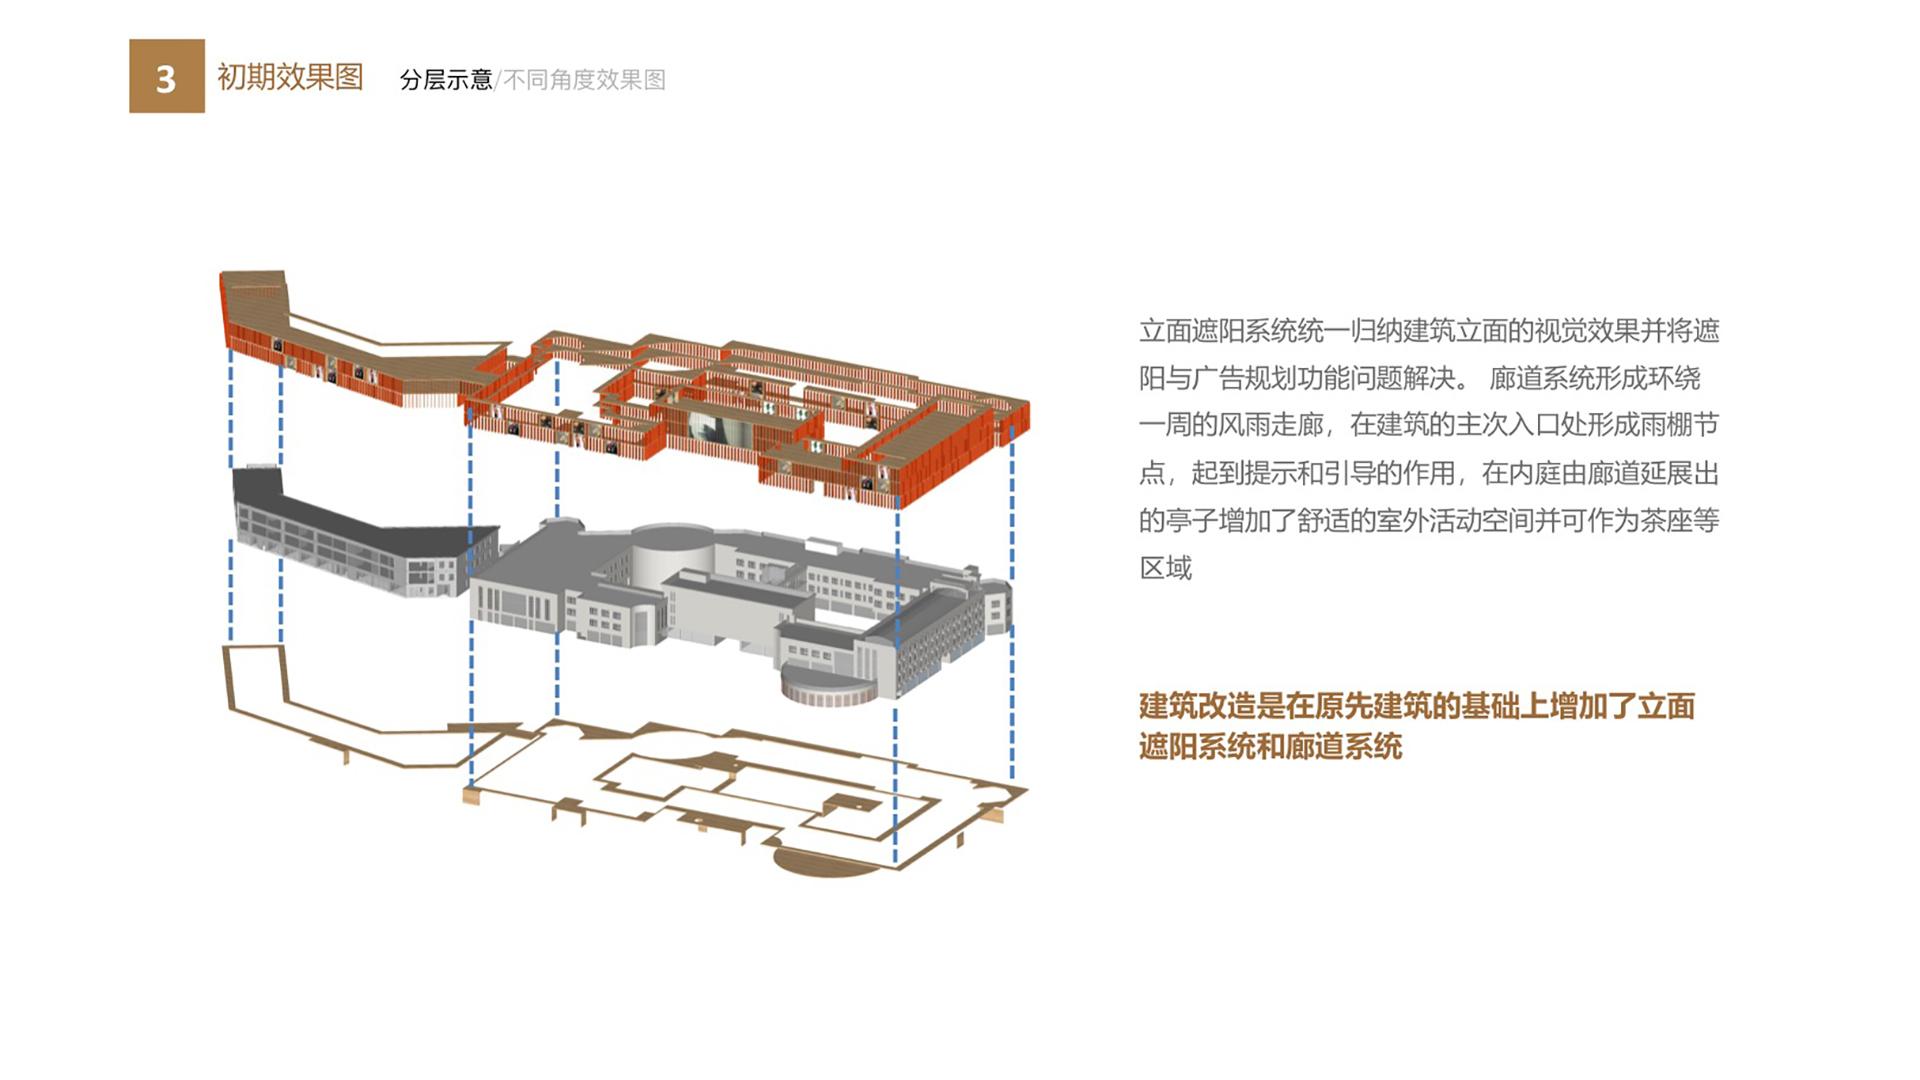 碧桂园商业楼空间设计分层示意